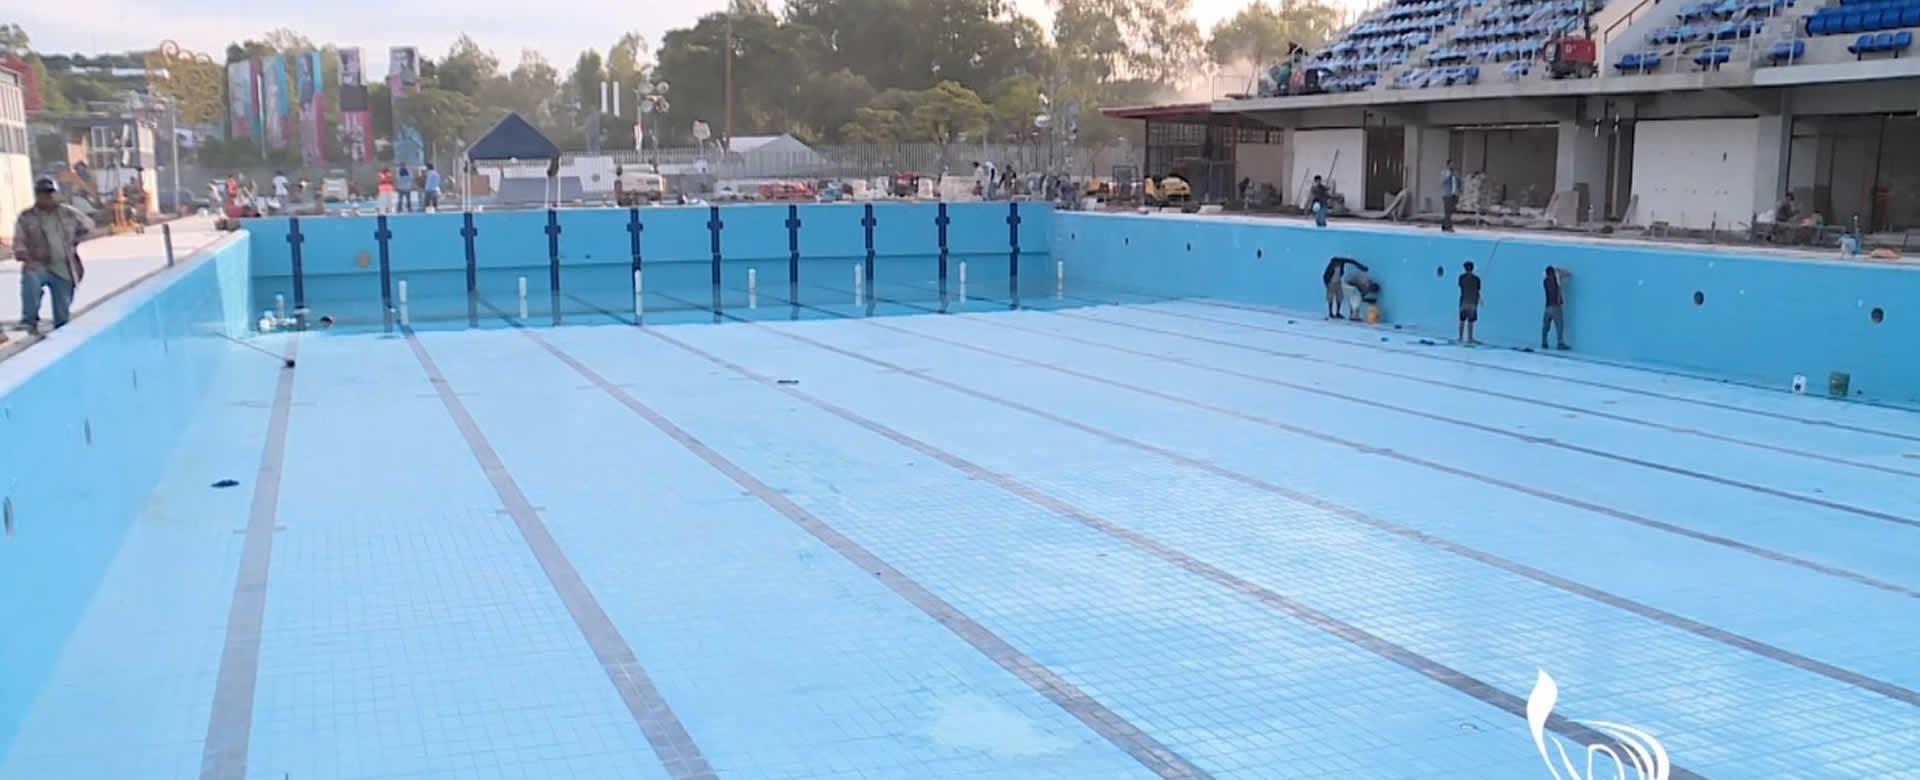 Ver canal 13 en vivo gratis sitio oficial donde puedo ver online gratis - Ver piscinas ...